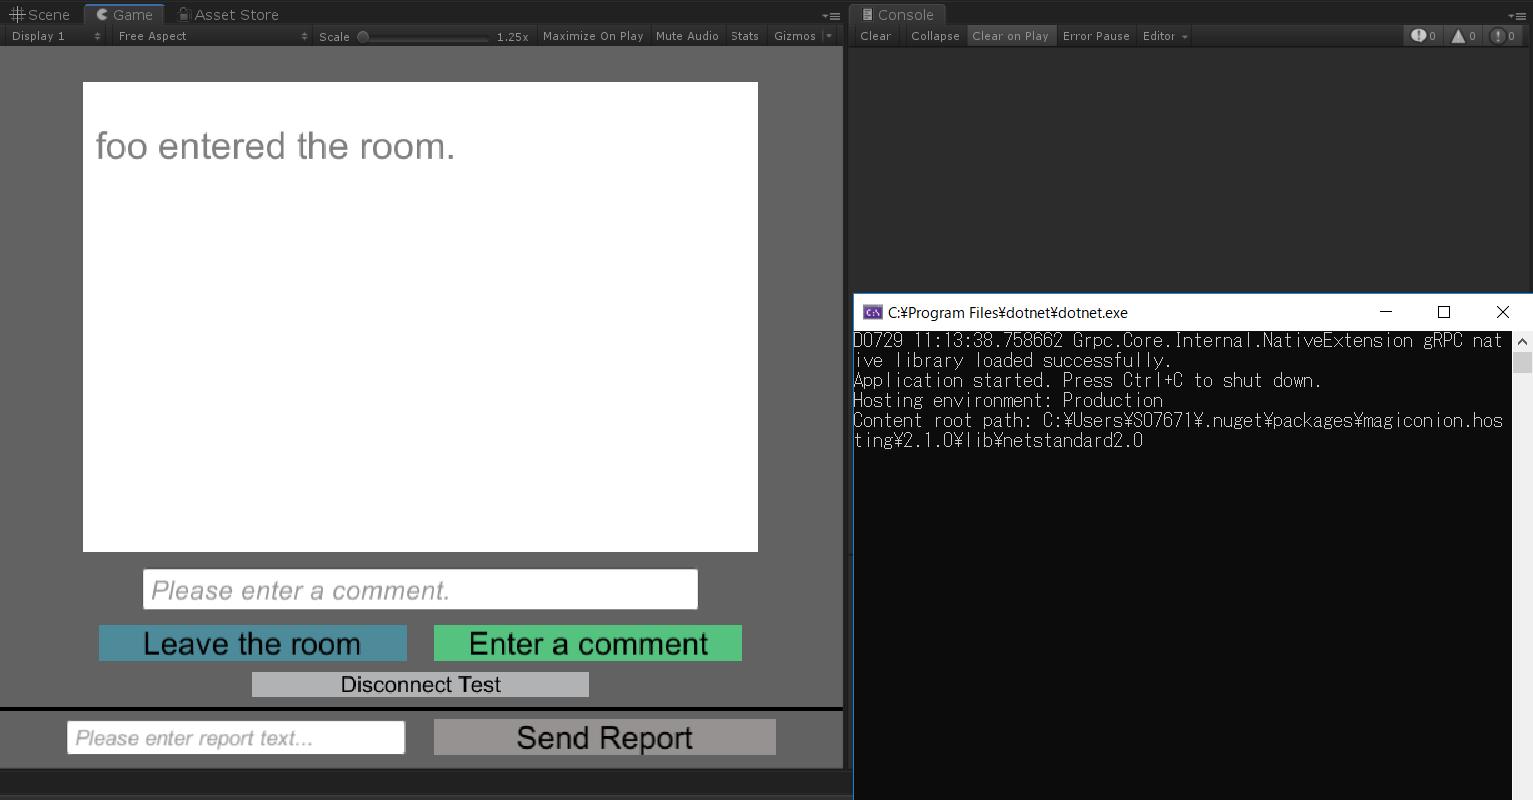 GitHub - Cysharp/MagicOnion: Unified Realtime/API Engine for